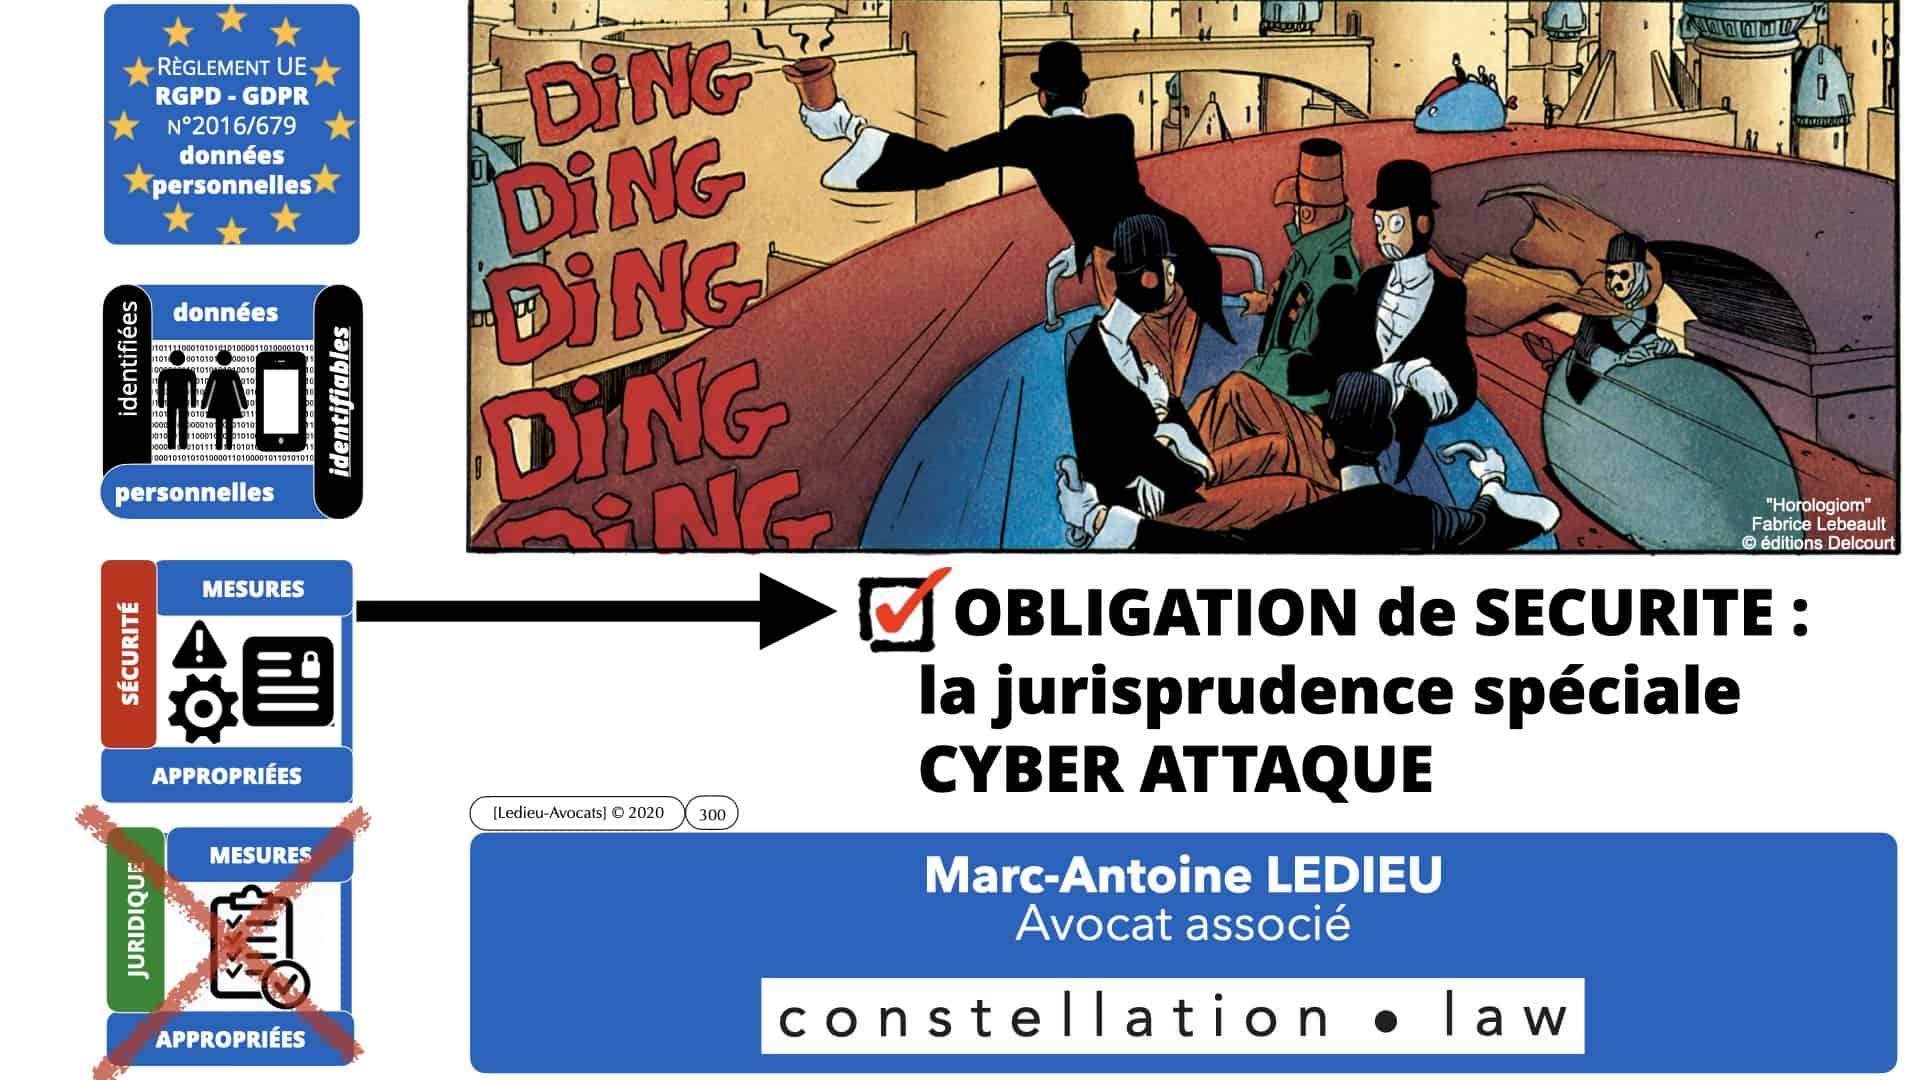 RGPD e-Privacy données personnelles jurisprudence formation Lamy Les Echos 10-02-2021 ©Ledieu-Avocats.300